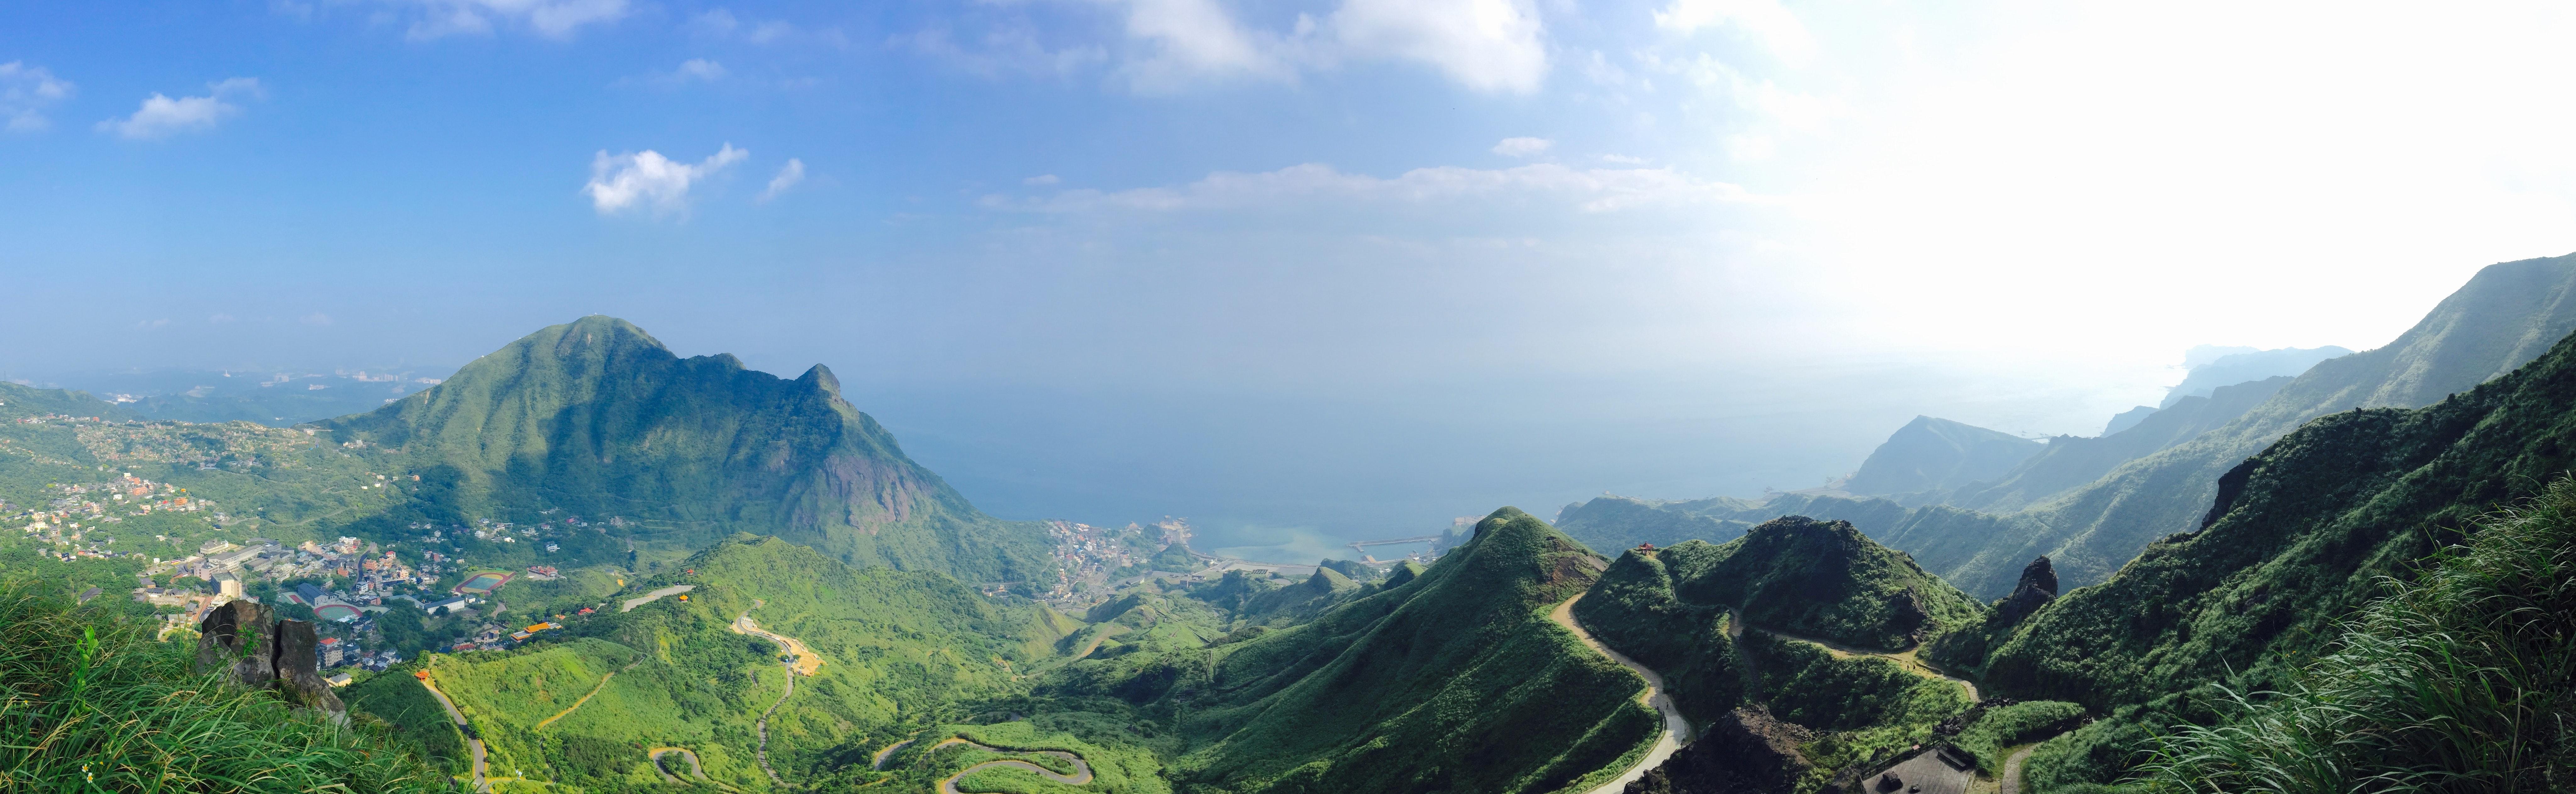 Green mountains photo